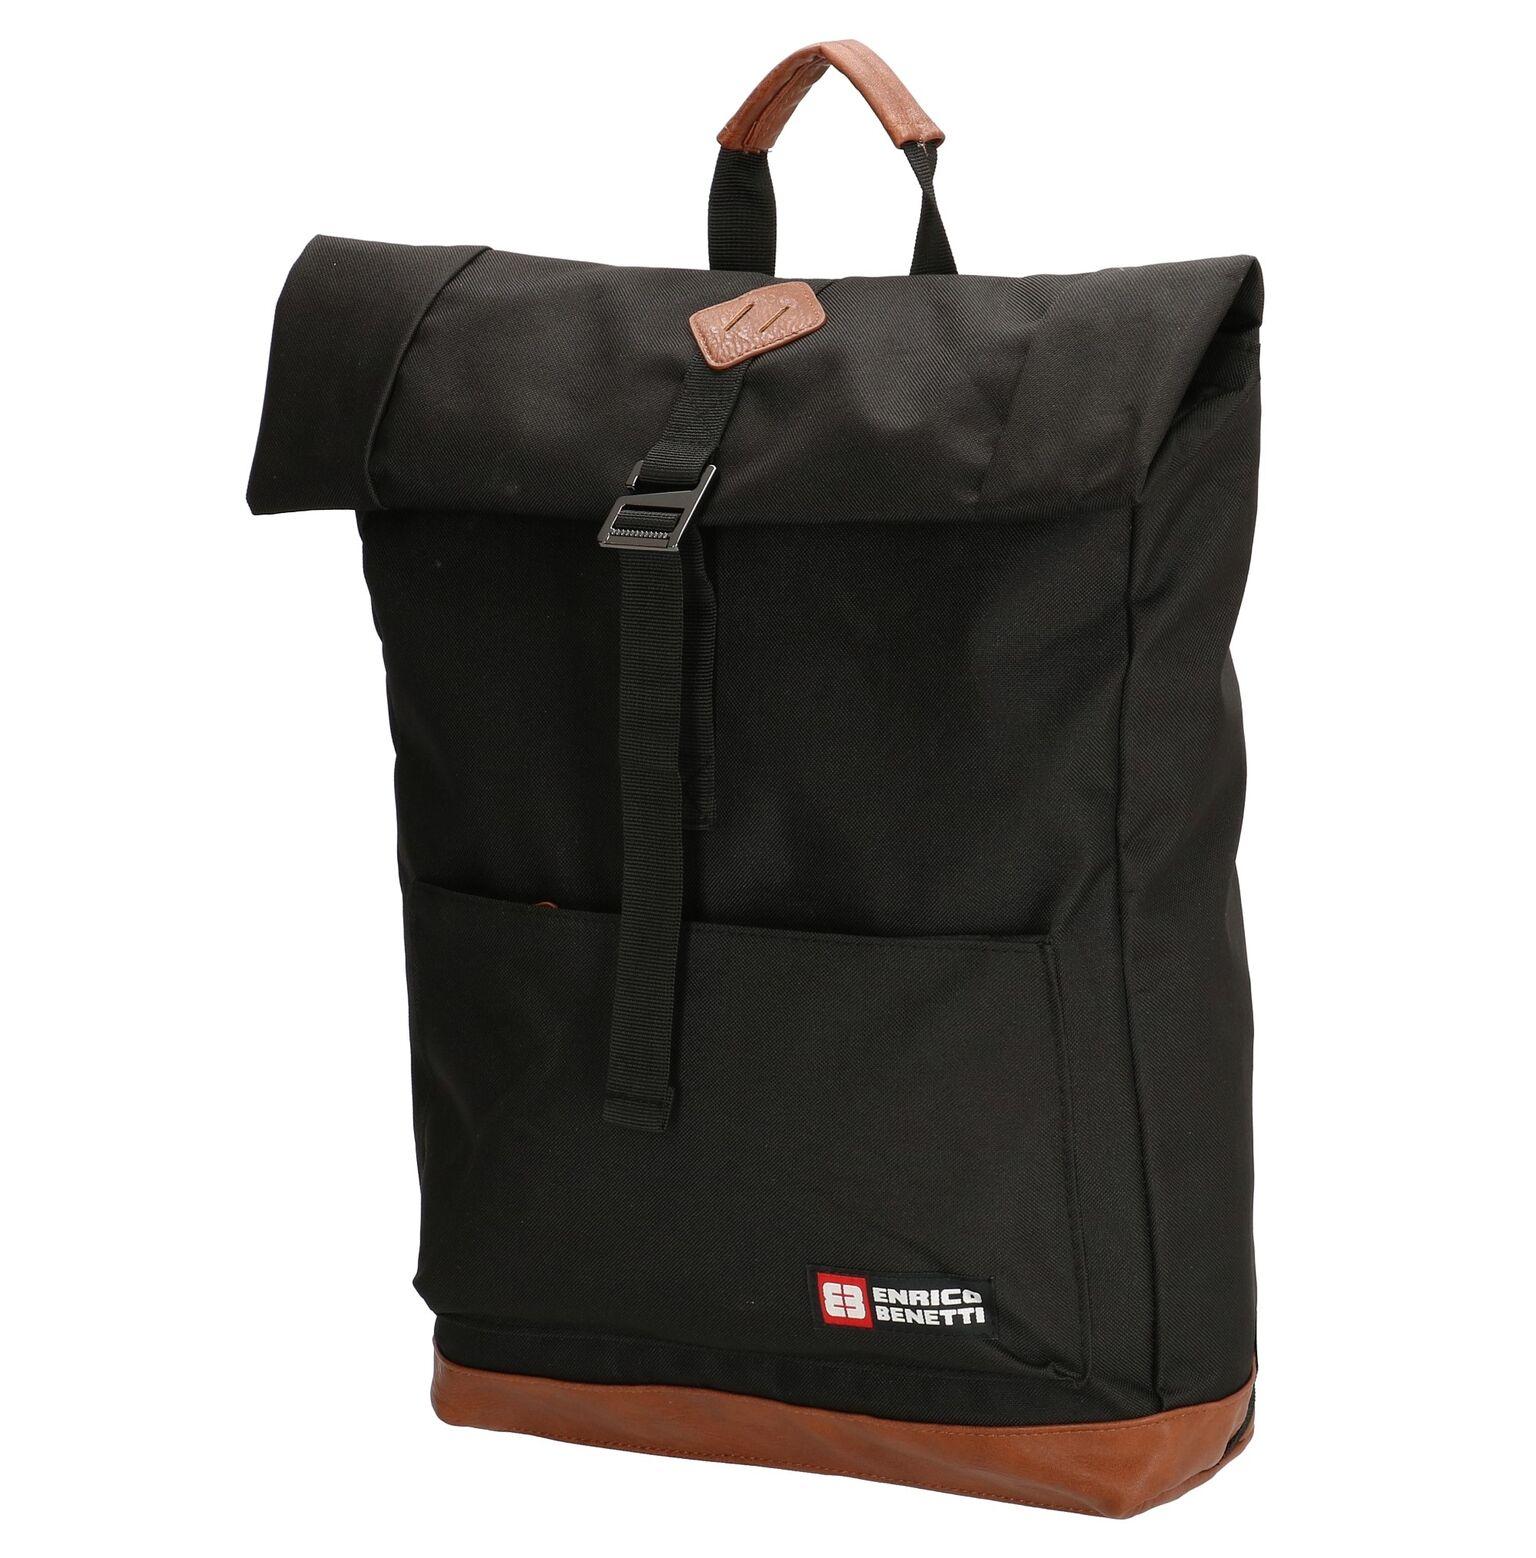 409822ae30b Enrico Benetti rugzak 15.6 inch zwart - Lute Lederwaren